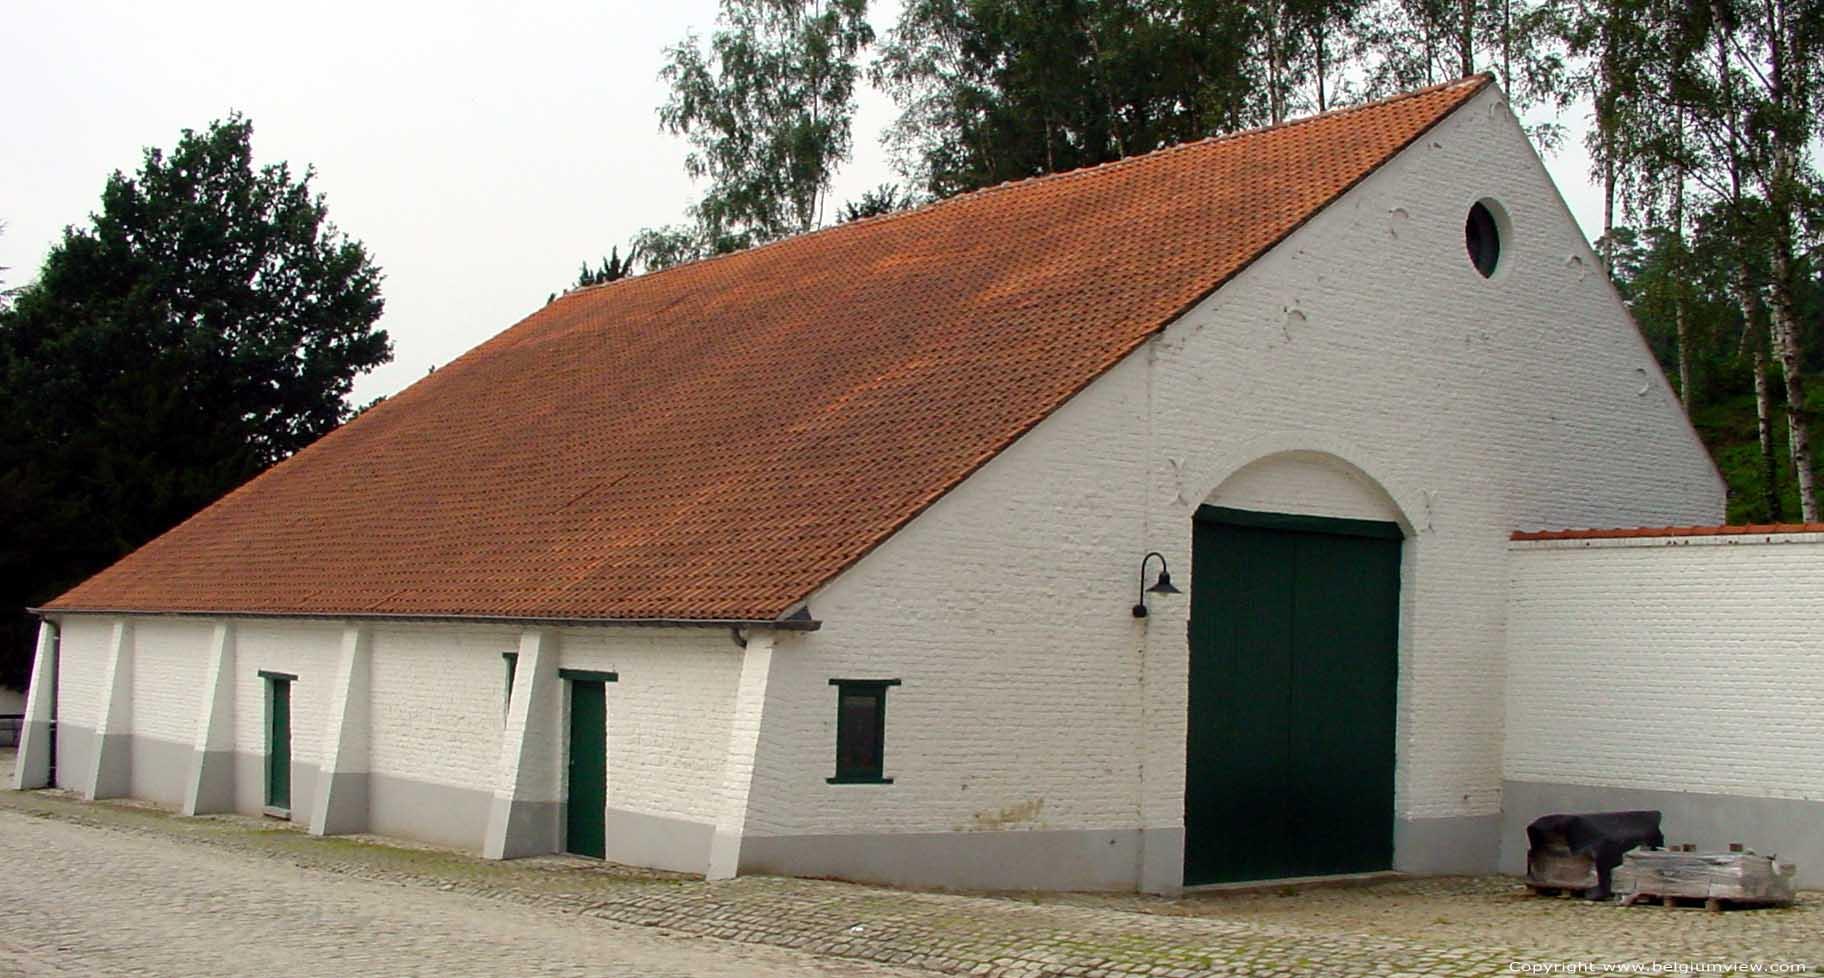 Ferme du chteau de la hulpe la hulpe photo - Cdiscount belgique ferme ...